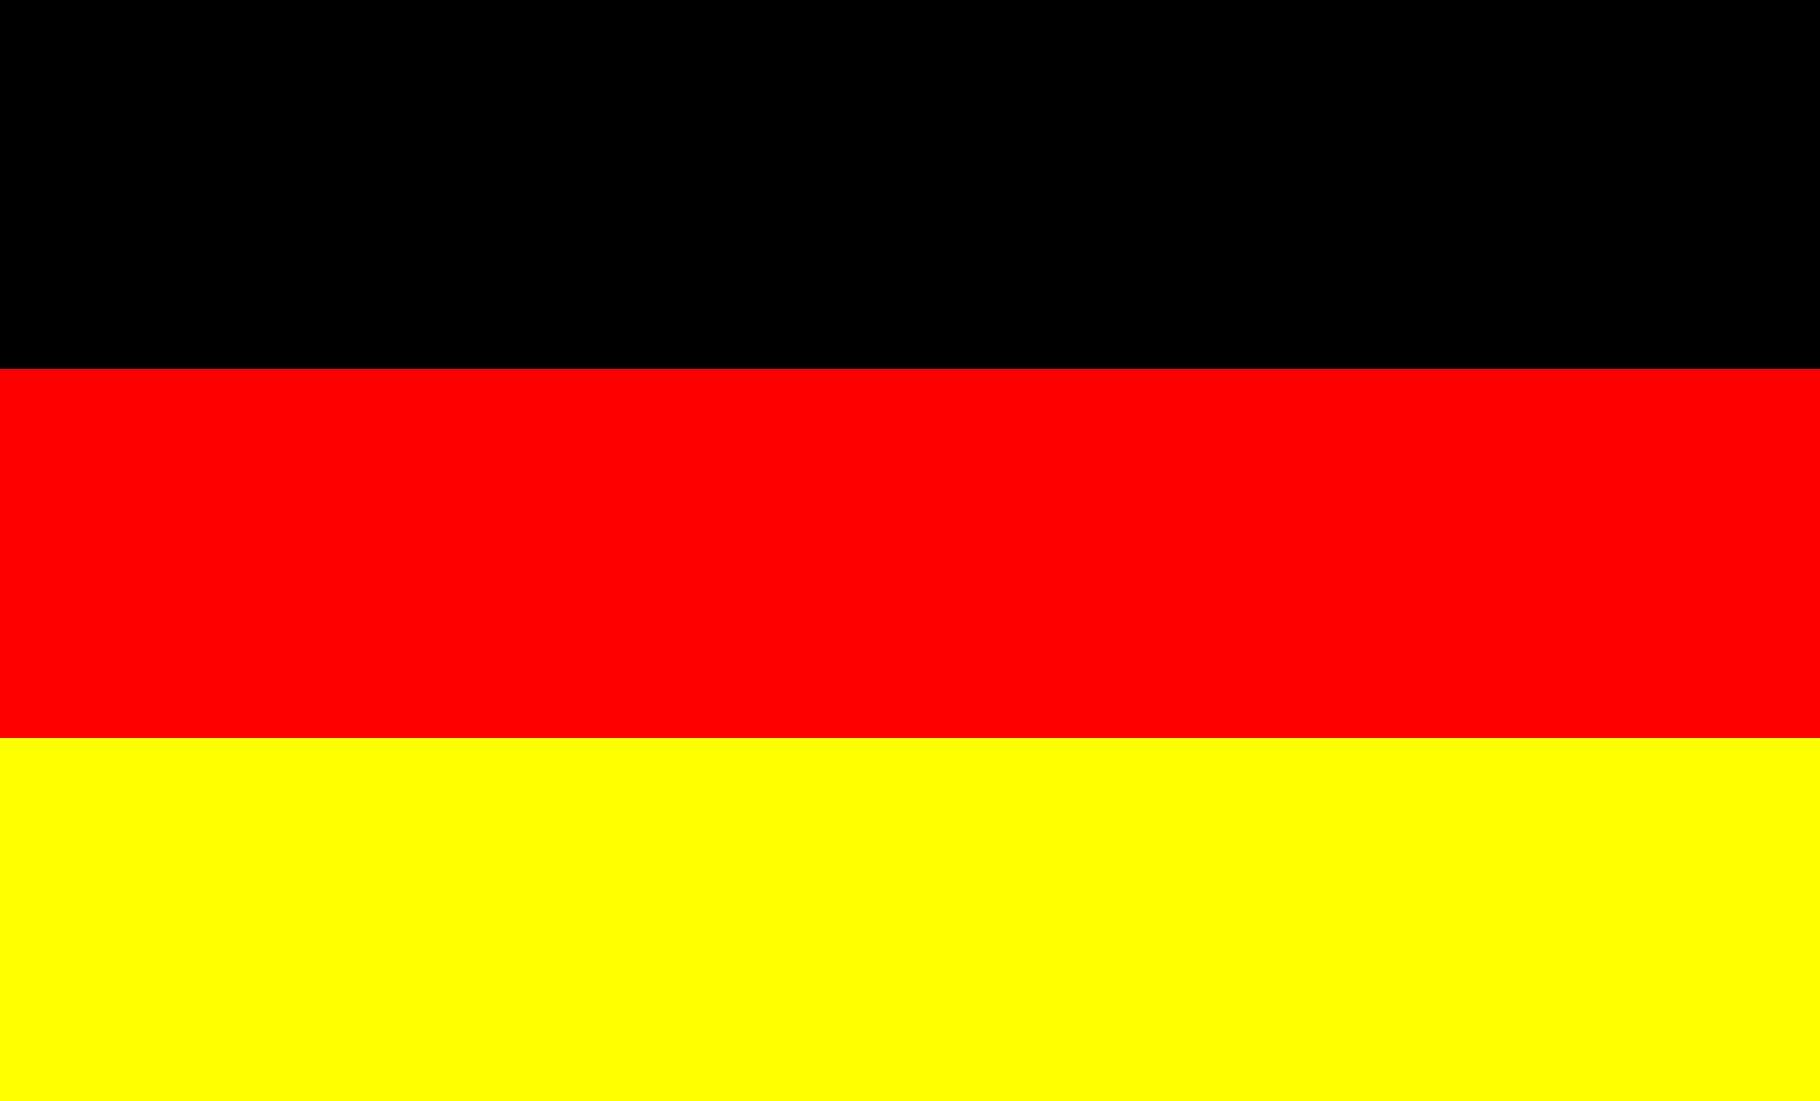 Economia da Alemanha - Detalhes de sua moeda e atividades ...